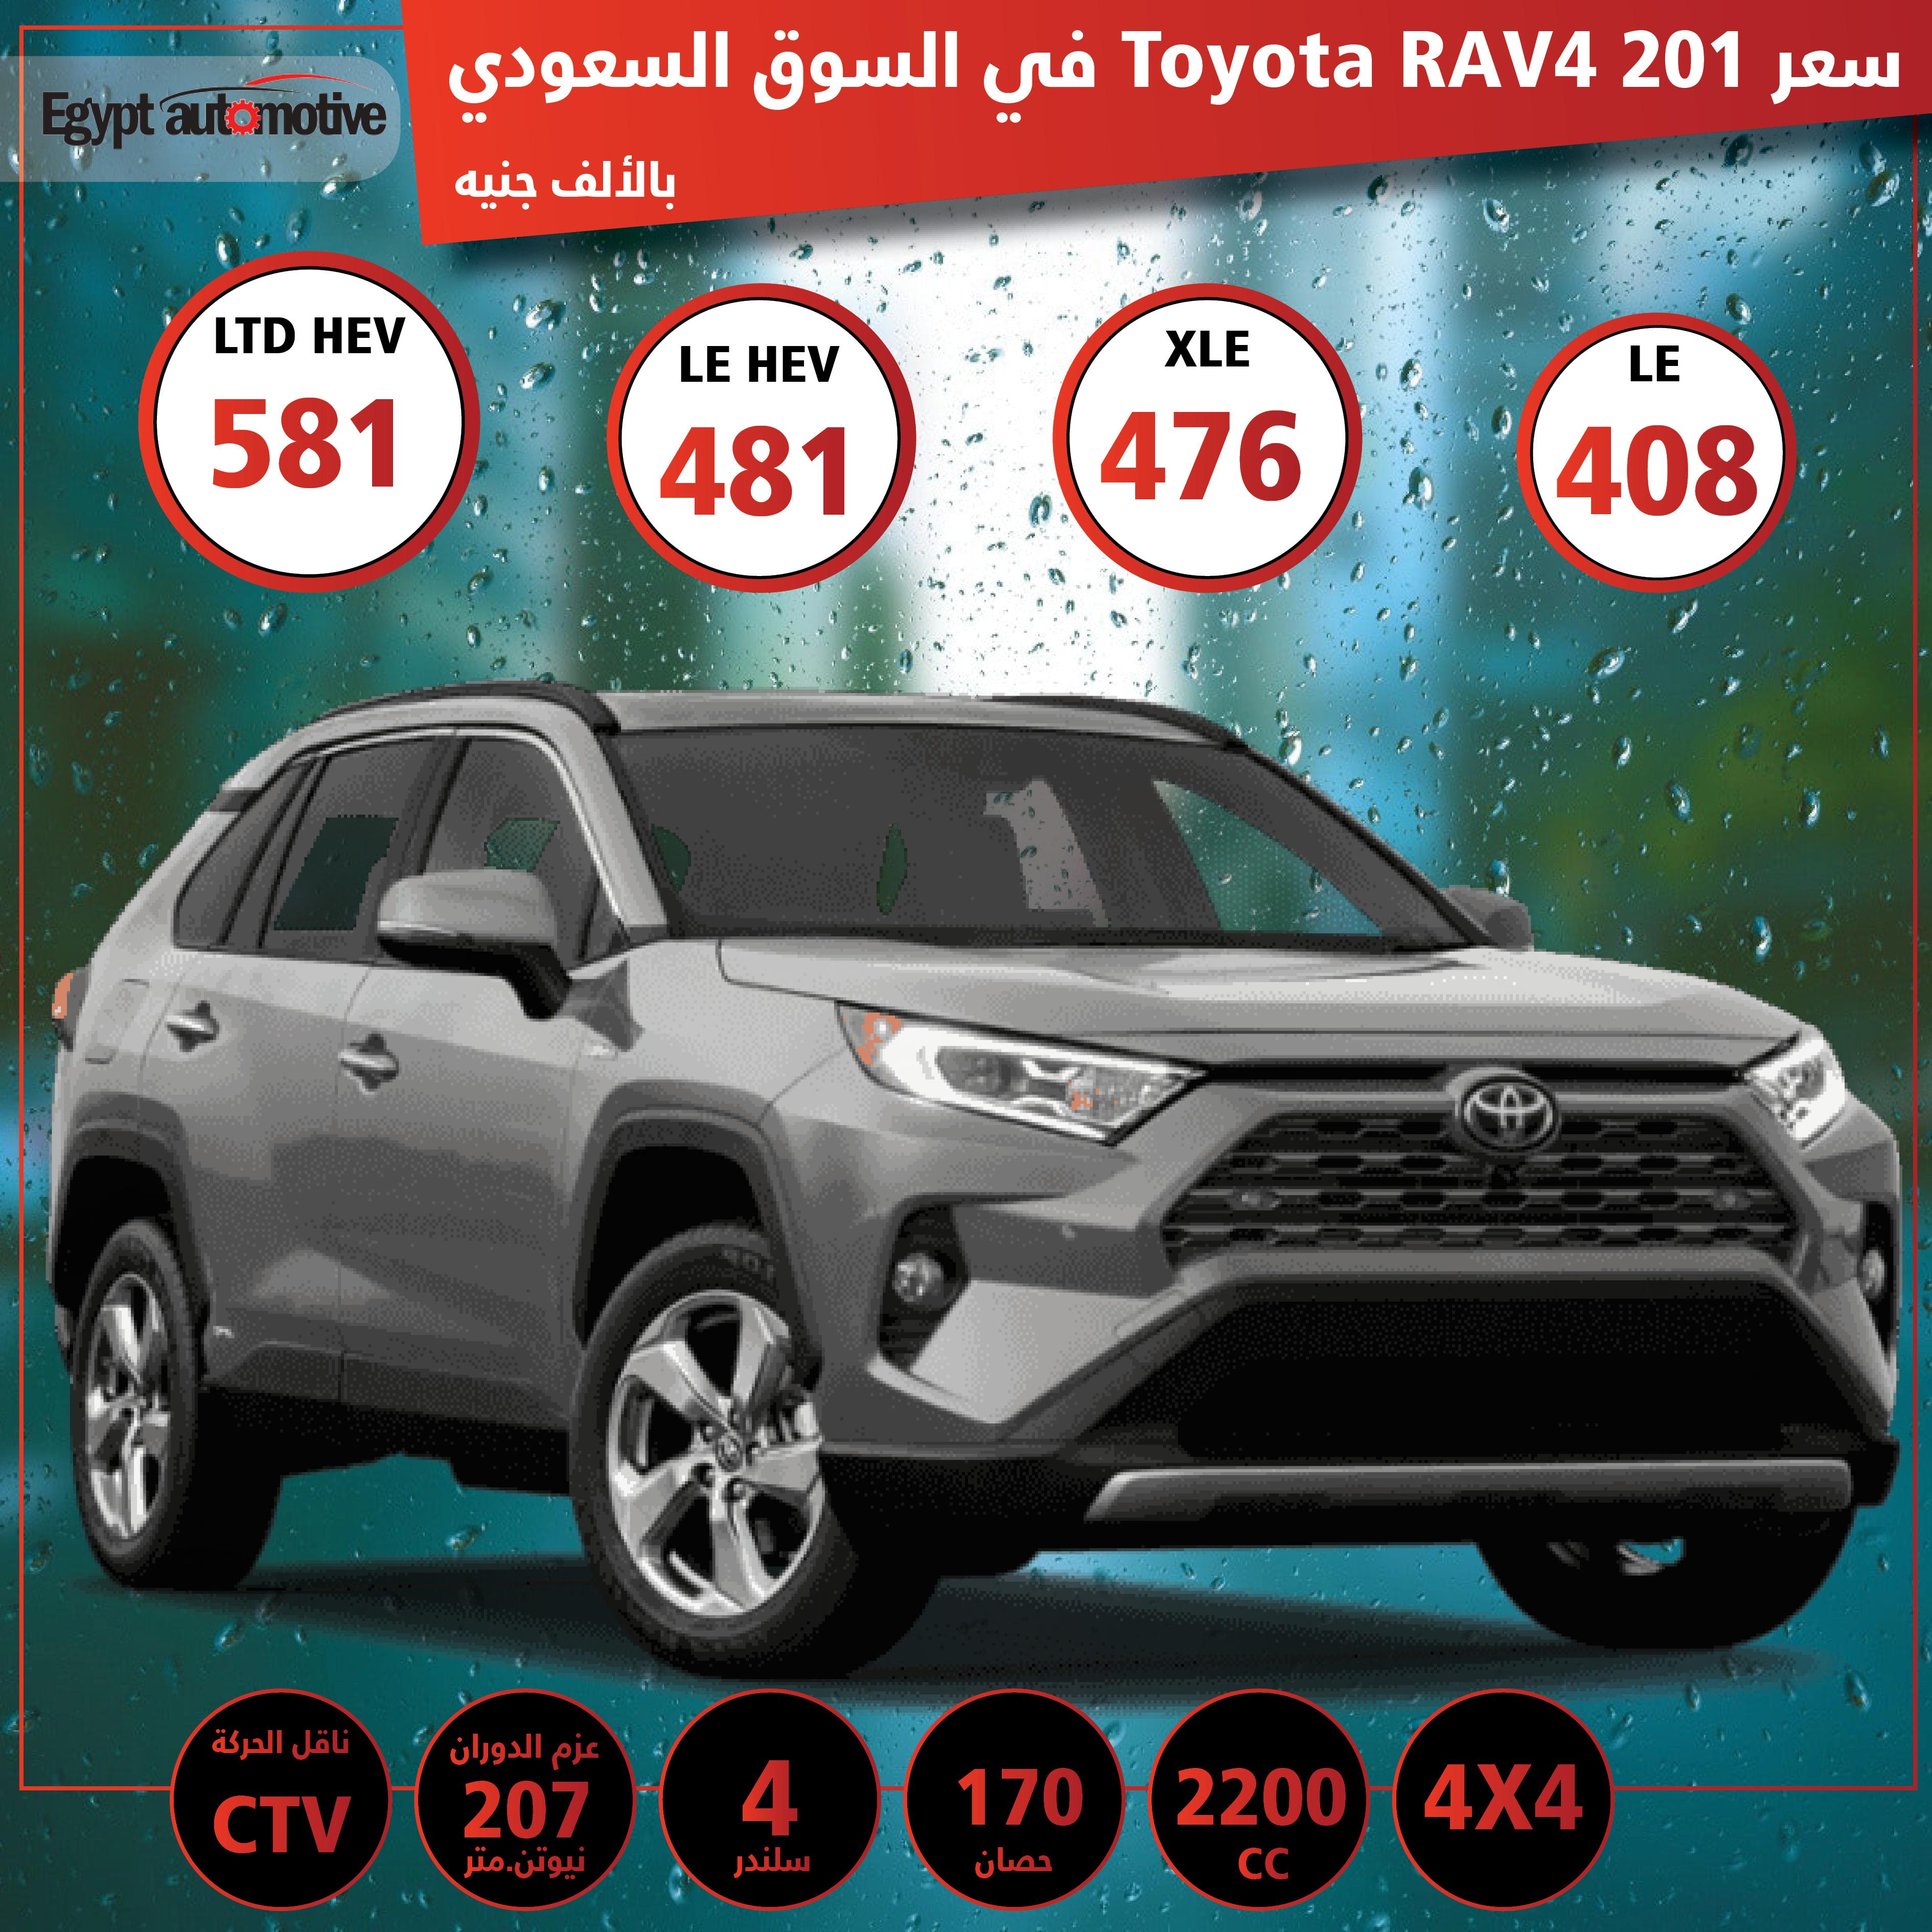 سعر تويوتا RAV4 2019 الجديدة كلياً يبدأ بـ 408 ألف جنيه في السعودية